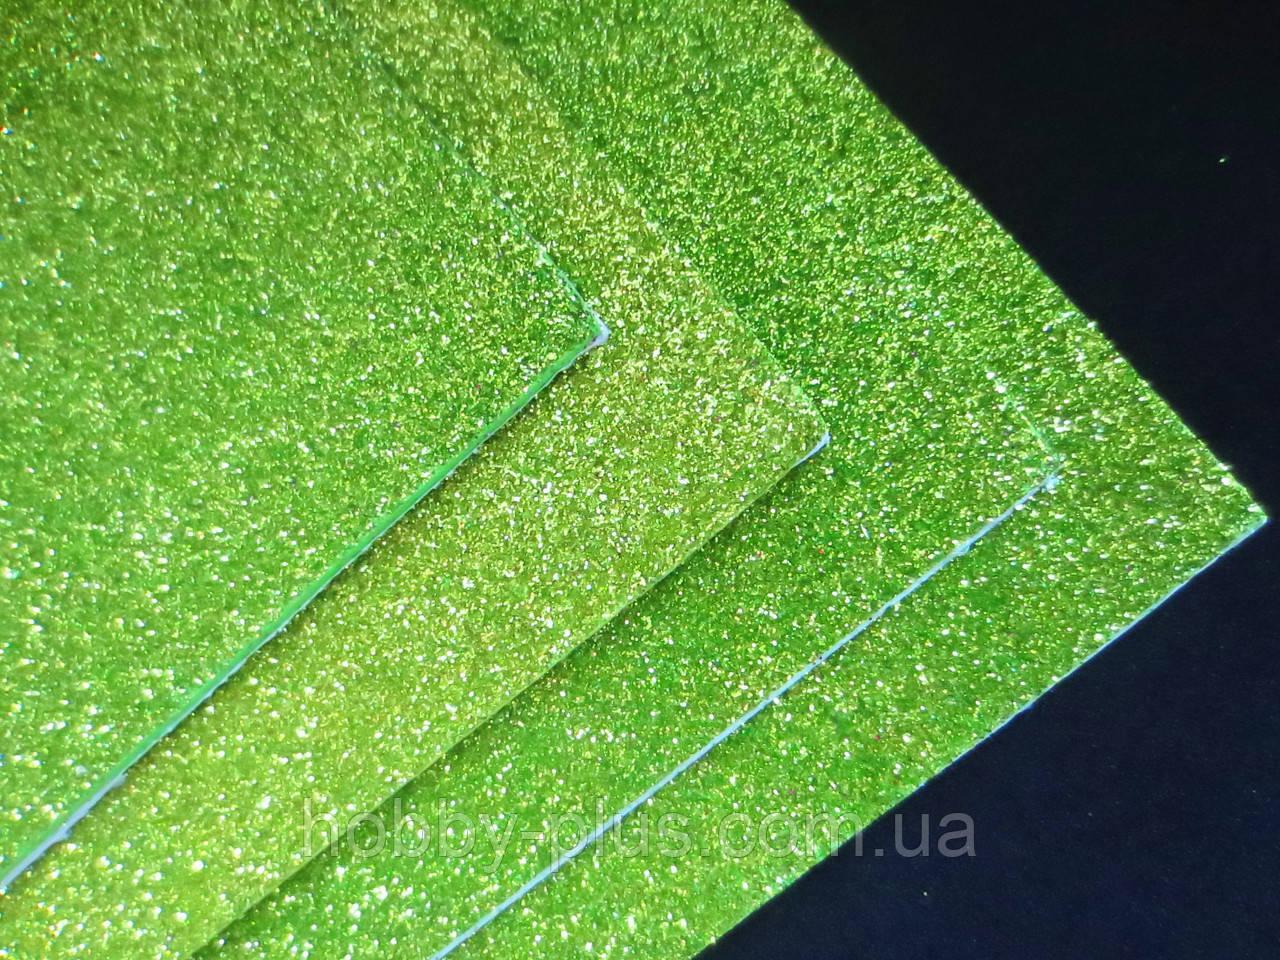 Фоамиран глиттерный на клеевой основе, 2 мм, 20x30 см, Китай, СВЕТЛО-ЗЕЛЕНЫЙ